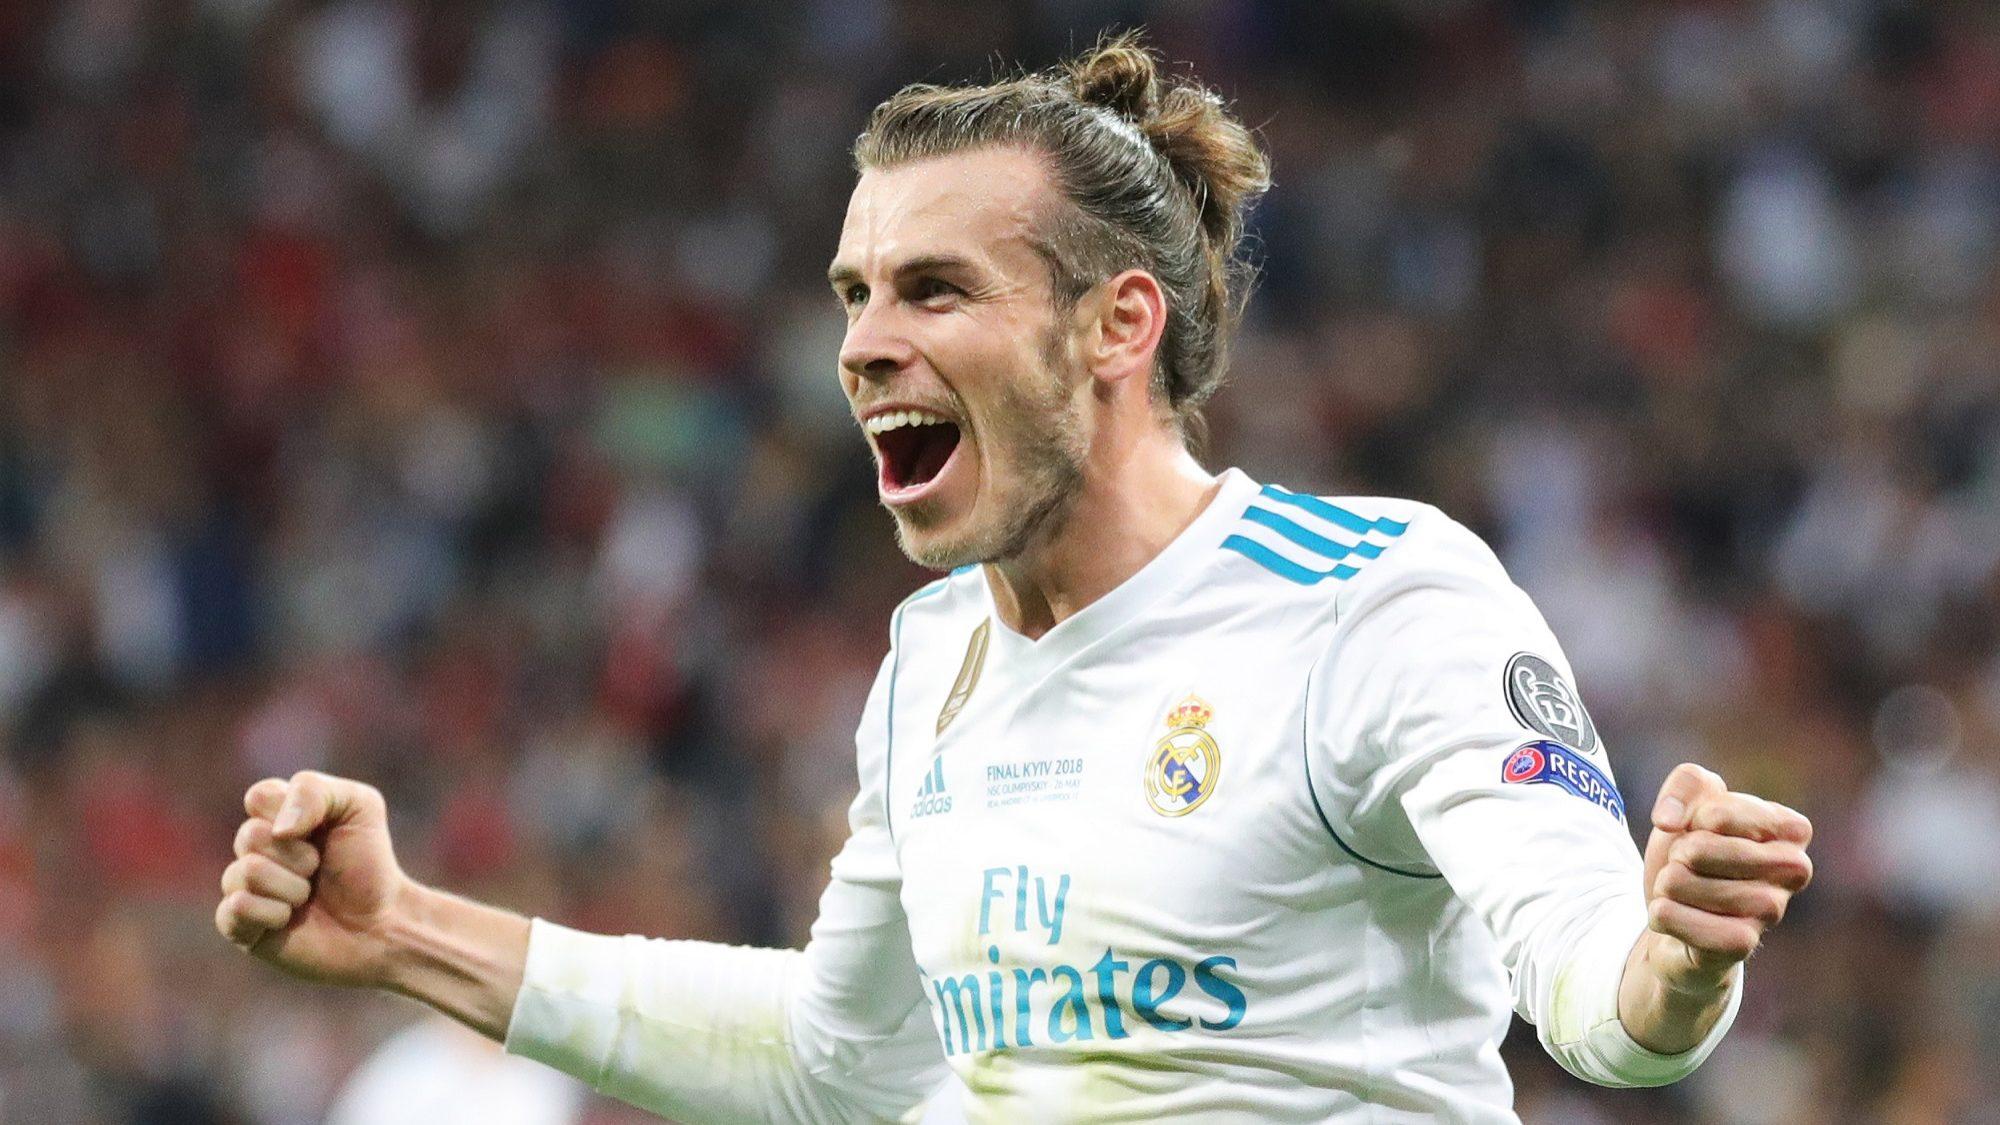 Real Madrid vence Liverpool e conquista terceira Liga dos Campeões consecutiva